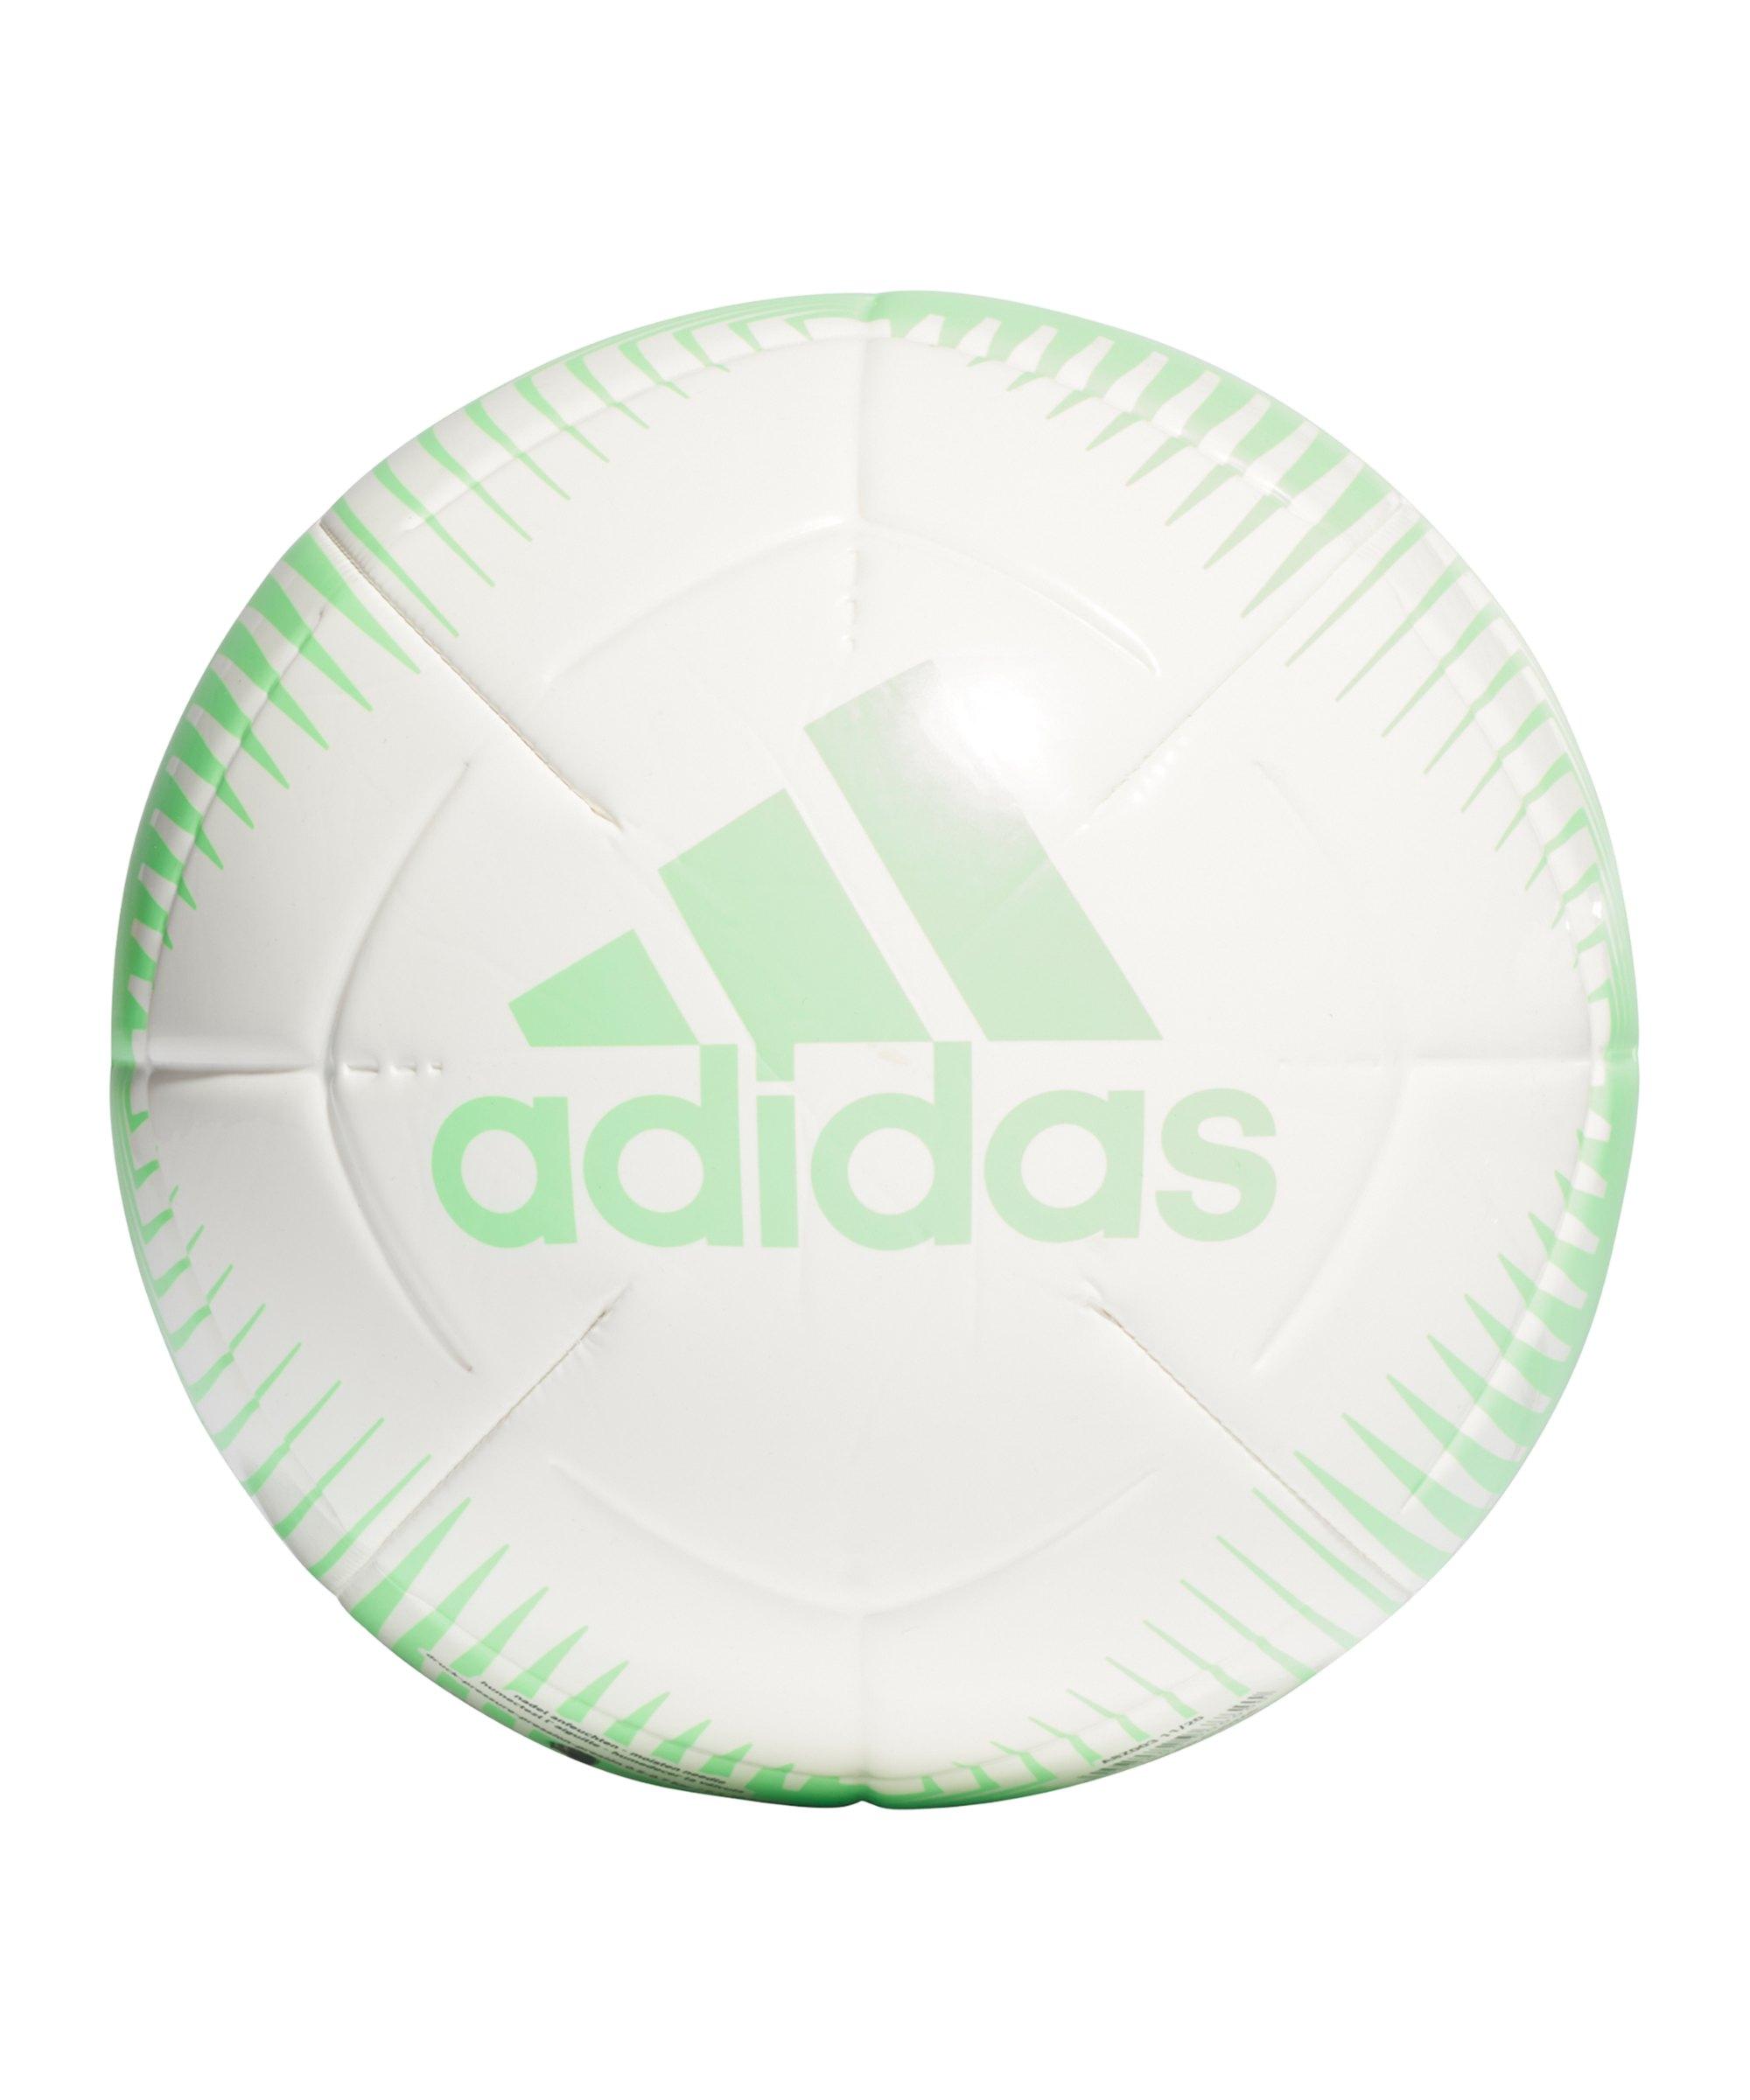 adidas EPP CLB Trainingsball Grün Weiss - gruen